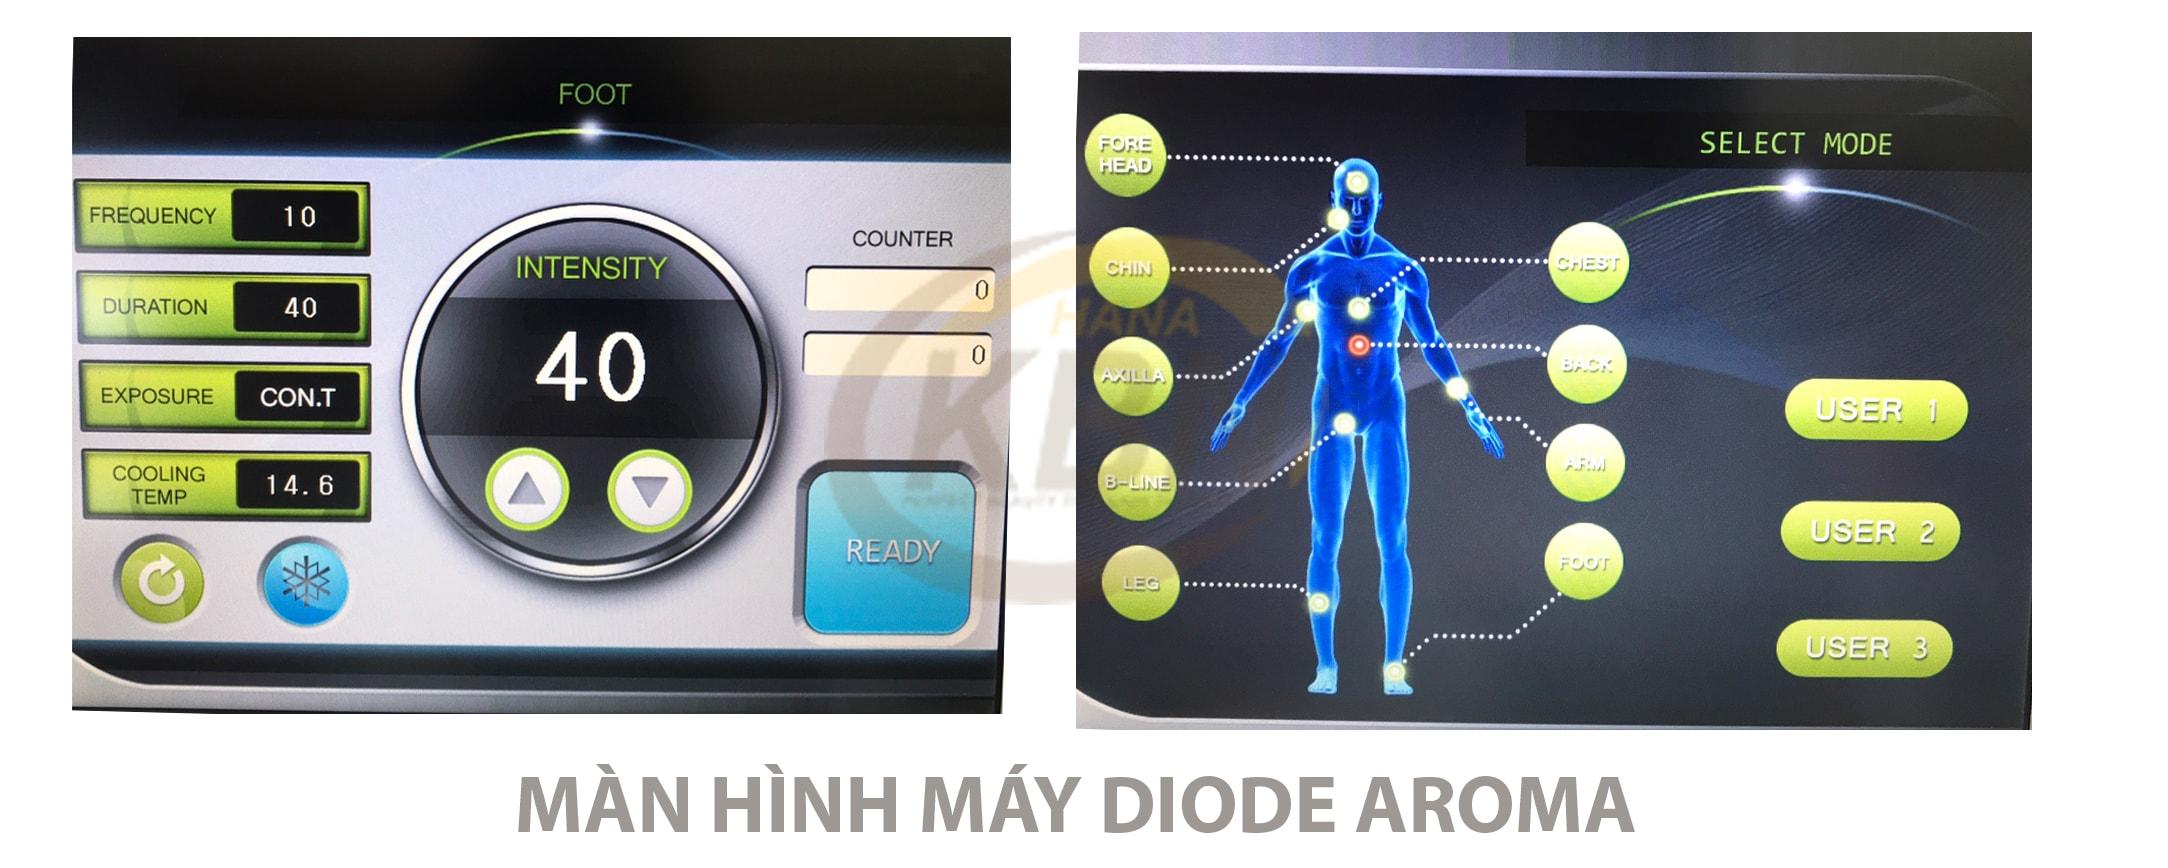 man-hinh-diode-laser-aroma